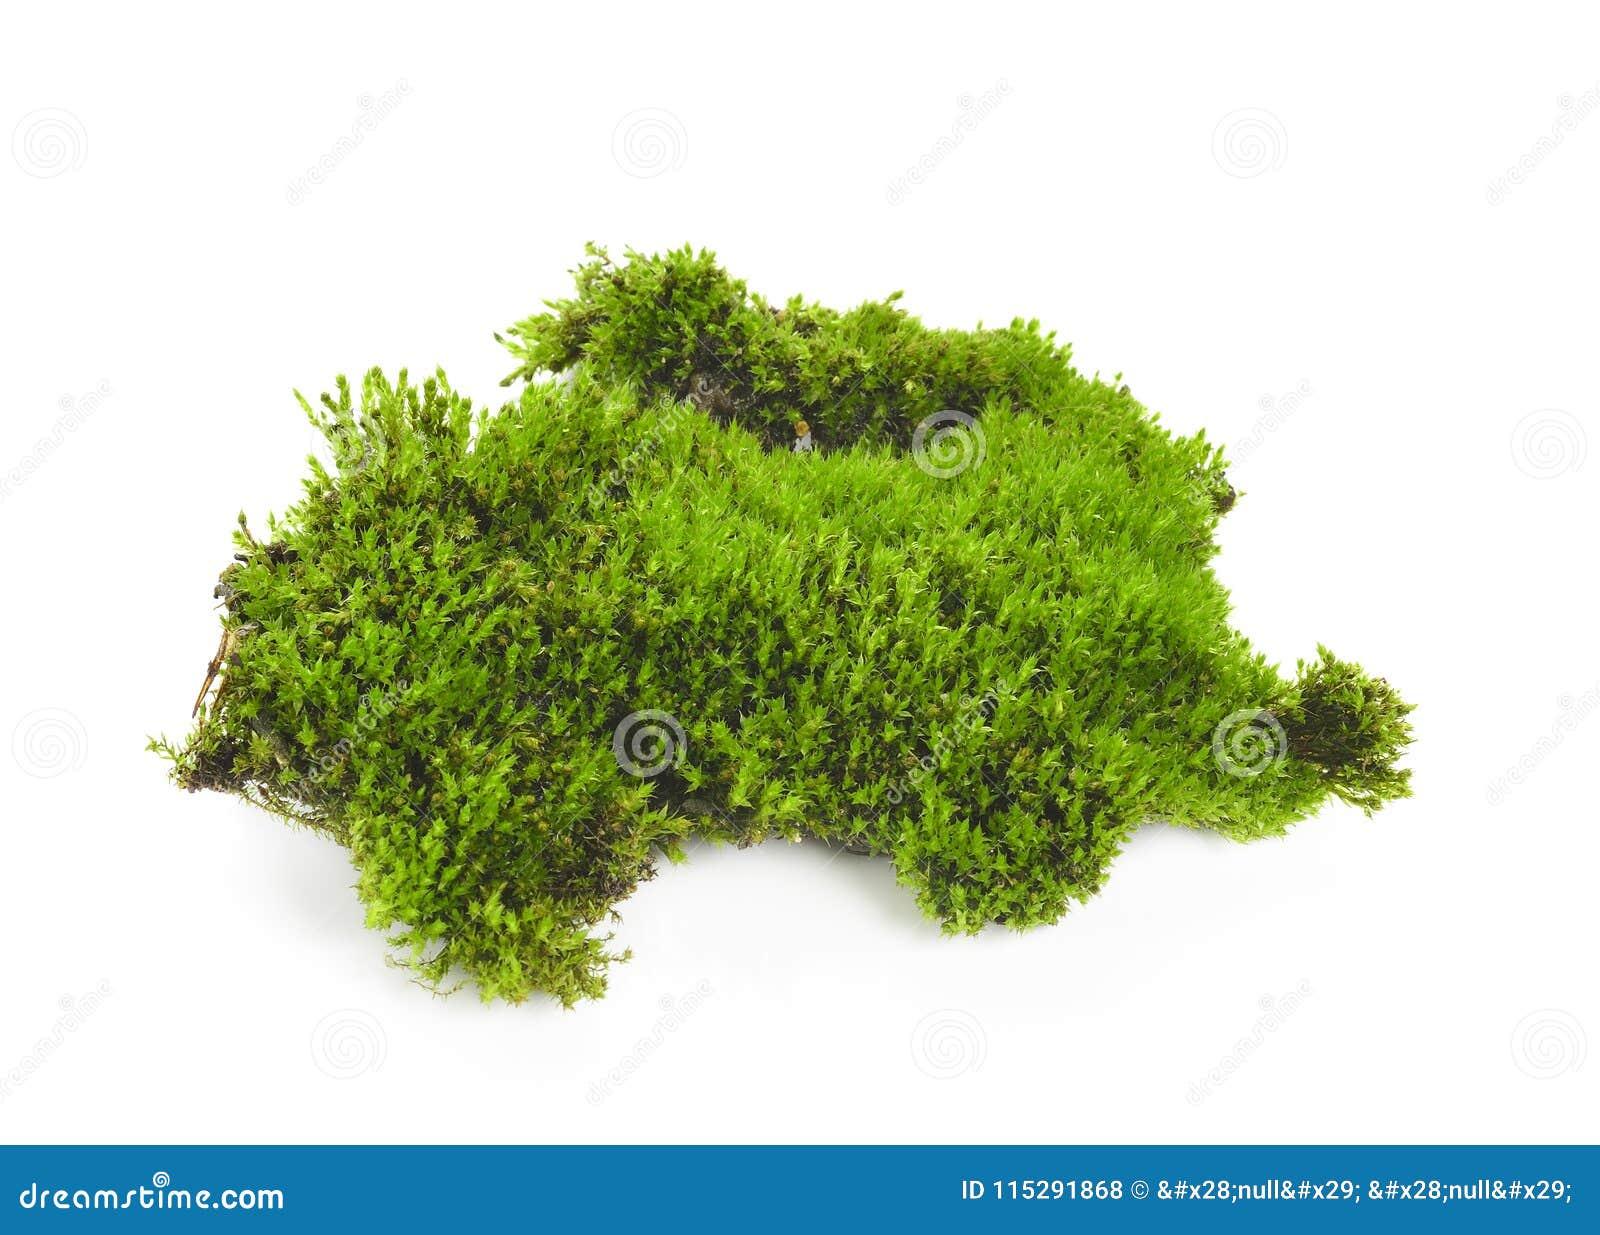 Groen die mos op witte bakground wordt geïsoleerd